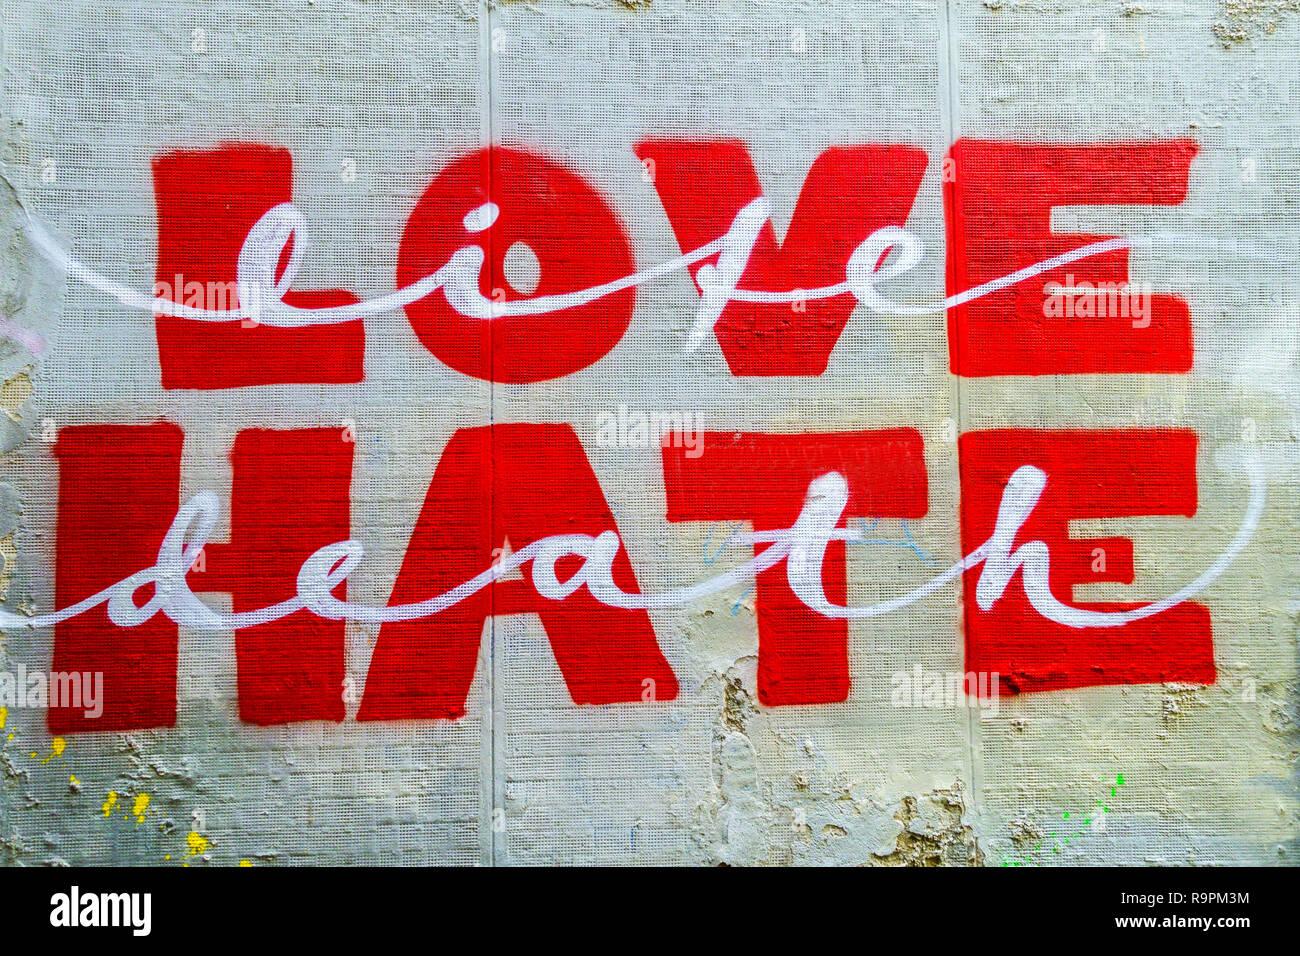 Mensaje en el muro de la calle amor odio Imagen De Stock